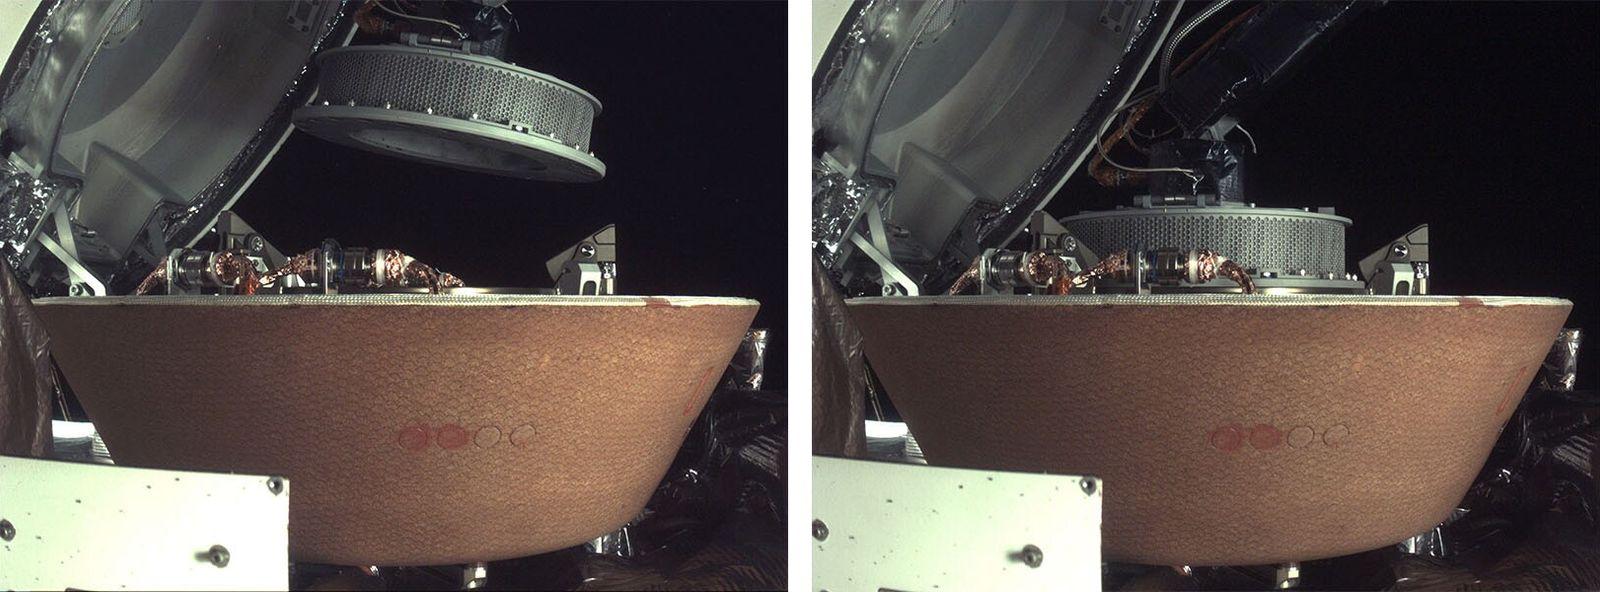 Esquerda: Esta imagem da OSIRIS-REx mostra o braço TAGSAM a colocar o dispositivo com amostras recolhidas ...